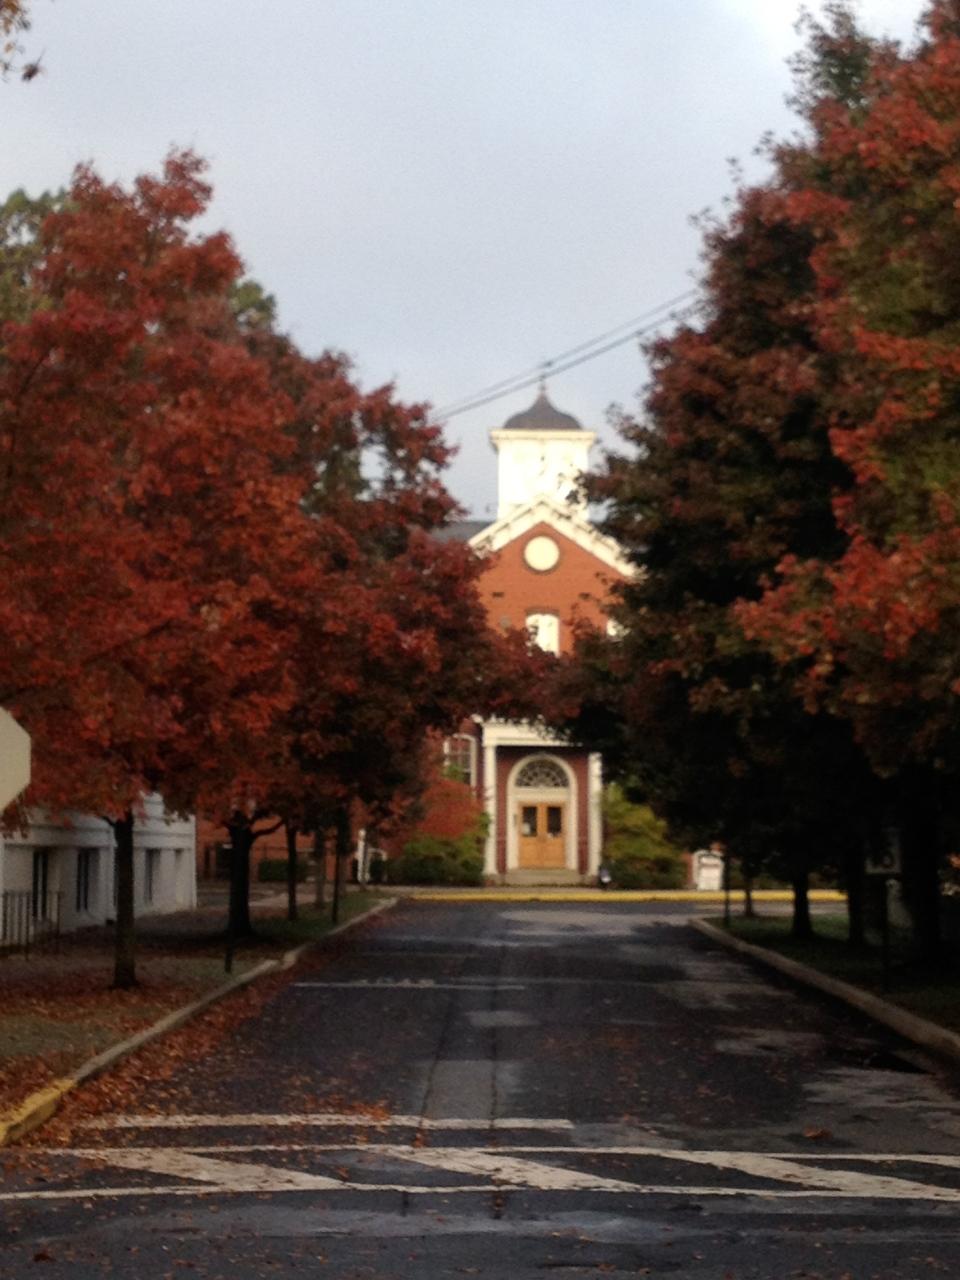 Autumn, New Jersey